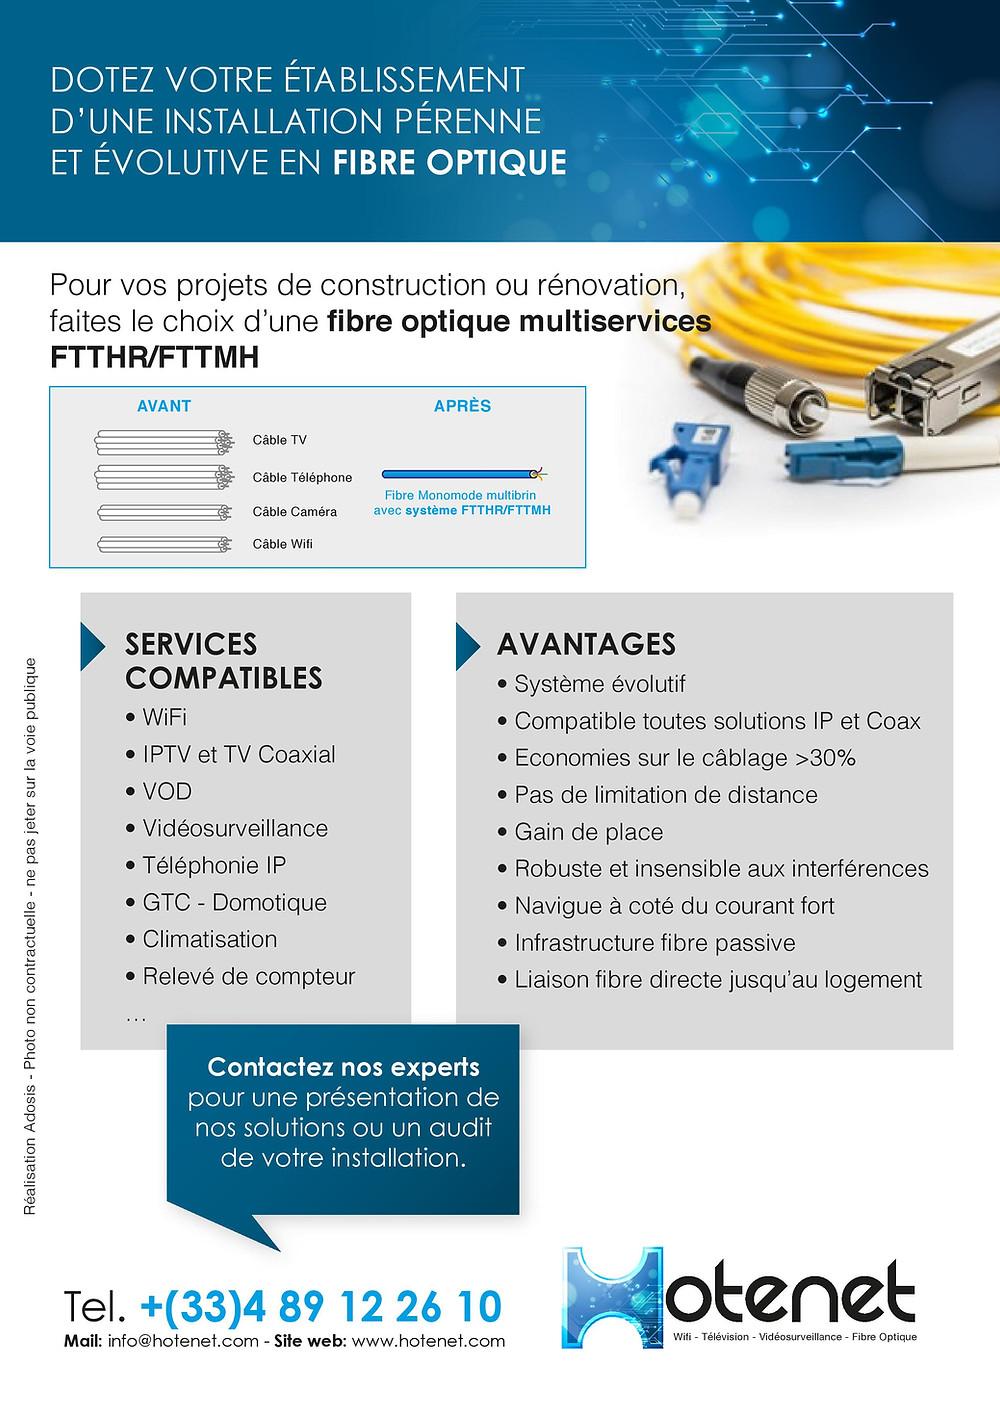 Plaquette commerciale Hotenet page 2